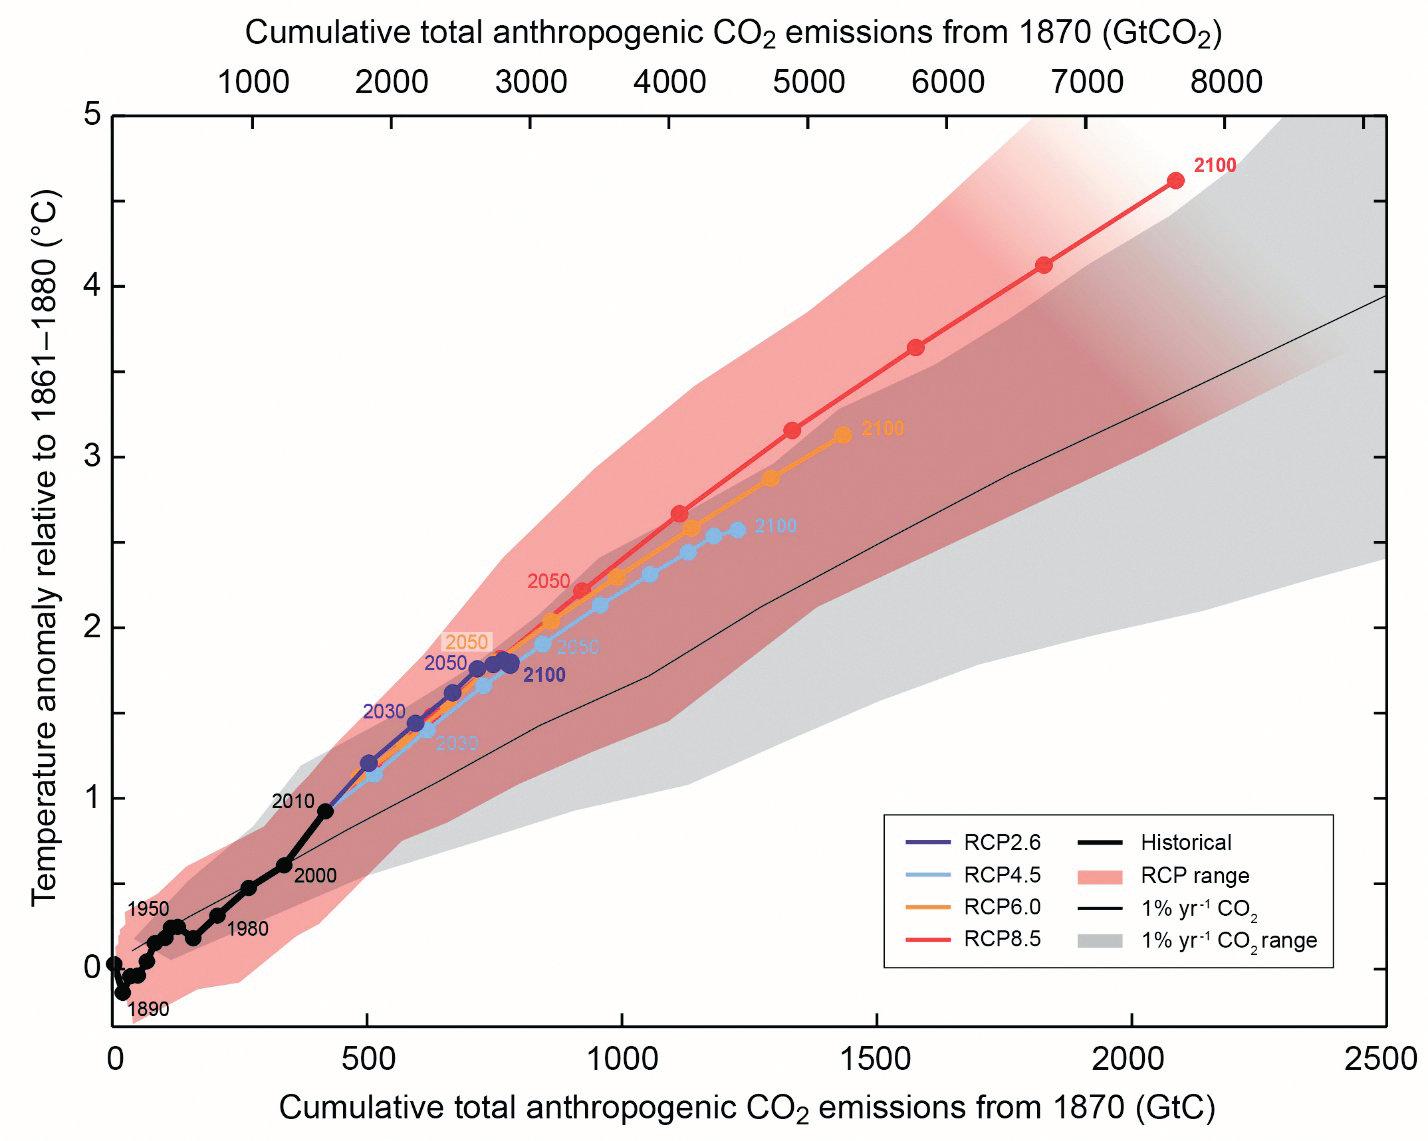 Рис. 4. (МГЭИК 5-й доклад, рис. SPM10): Зависимость аномалий температуры от накопленных выбросов антропогенного СО2. При любом сценарии масса выбросов почти однозначно переводится в изменение температуры